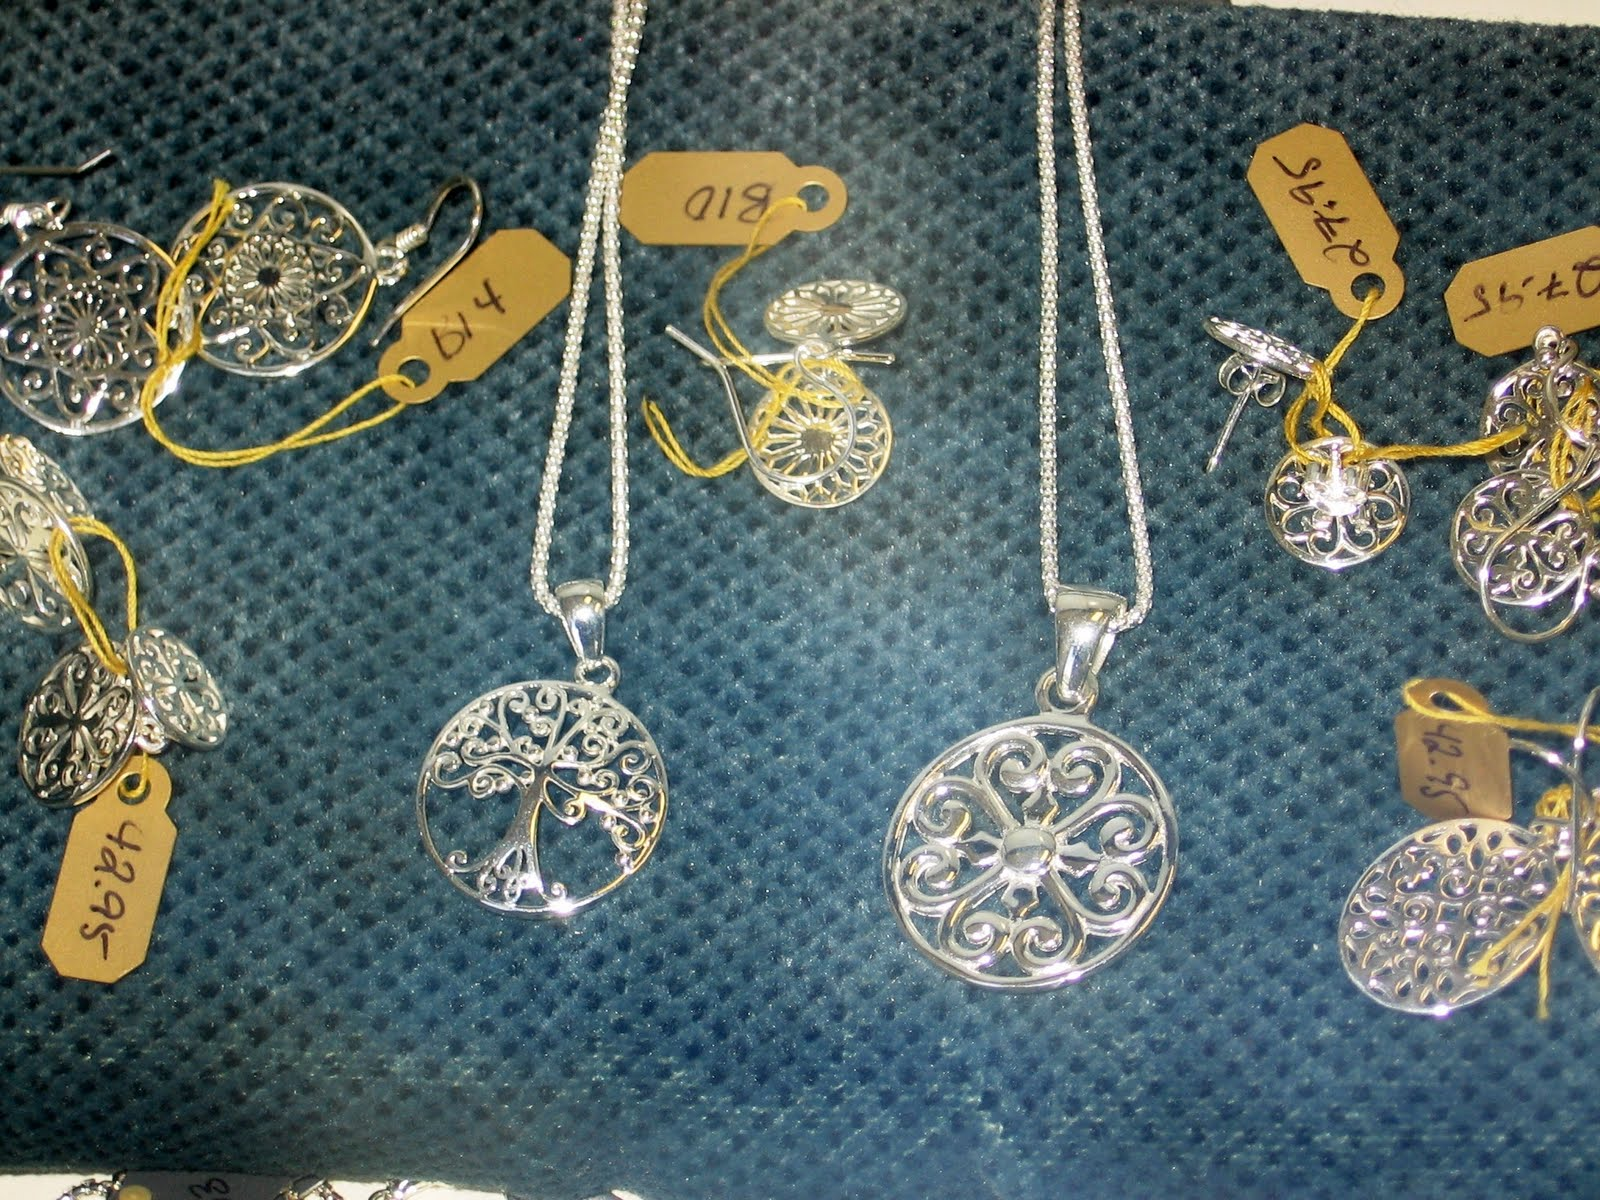 http://1.bp.blogspot.com/_5l2QQ8bPdkM/S87TEMBI6BI/AAAAAAAAKZU/nppE3bidhQ8/s1600/Jewelry.jpg